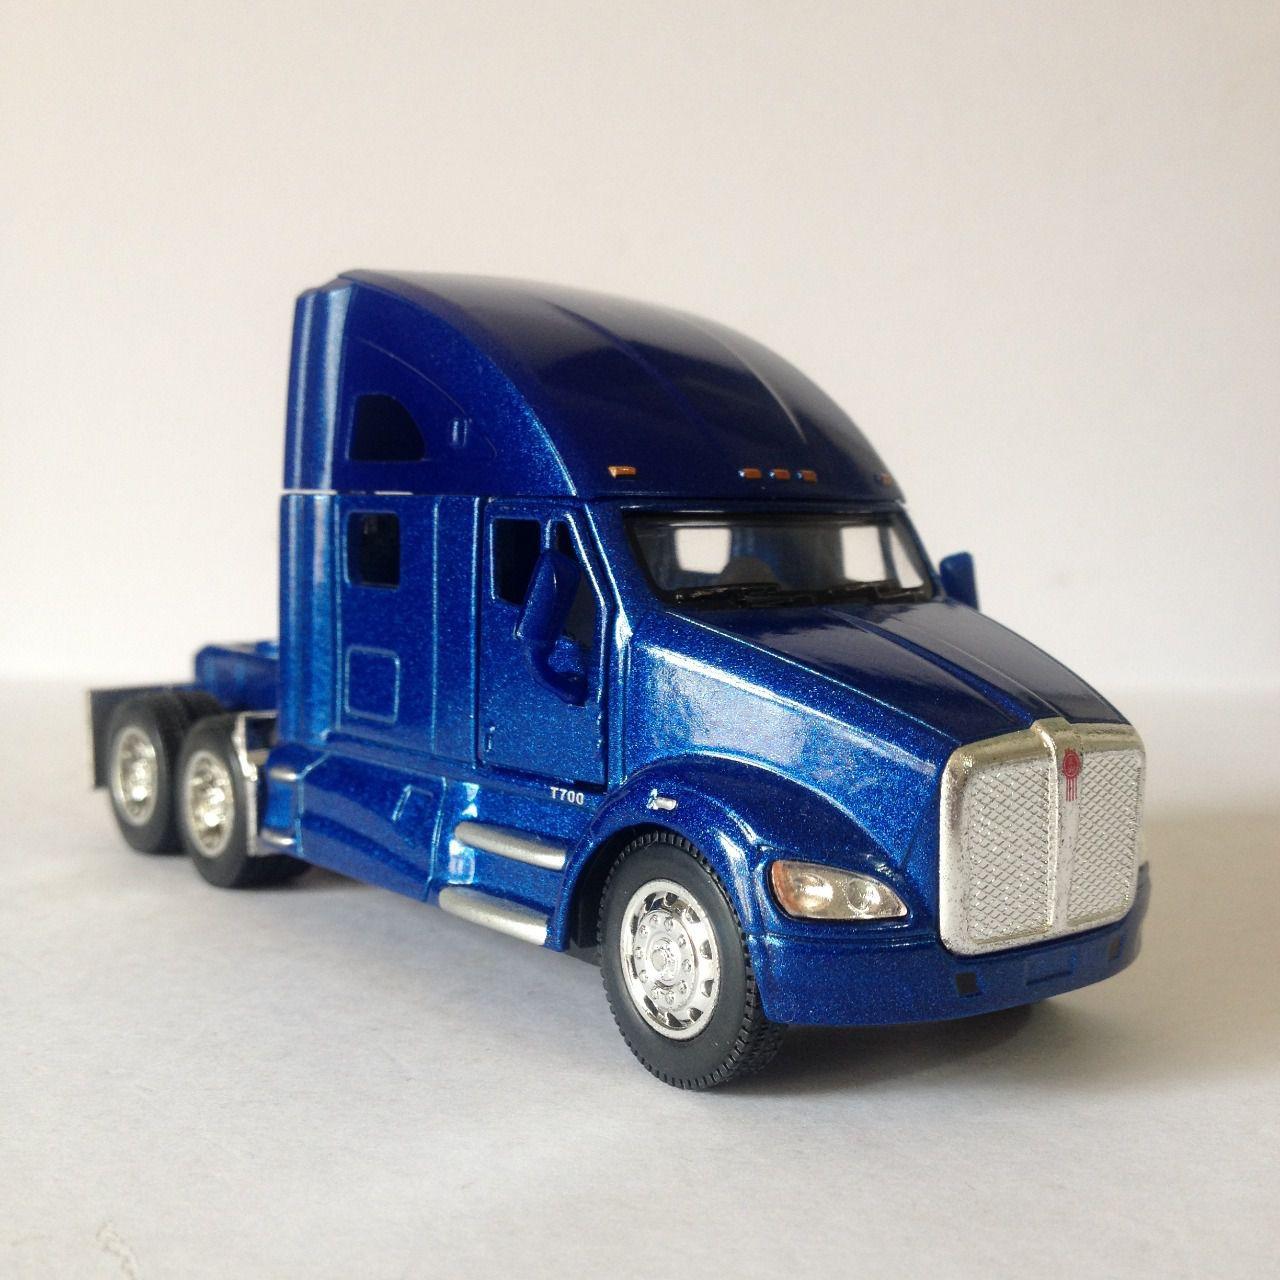 Caminhão Kenworth T7000 Azul - Escala 1:32